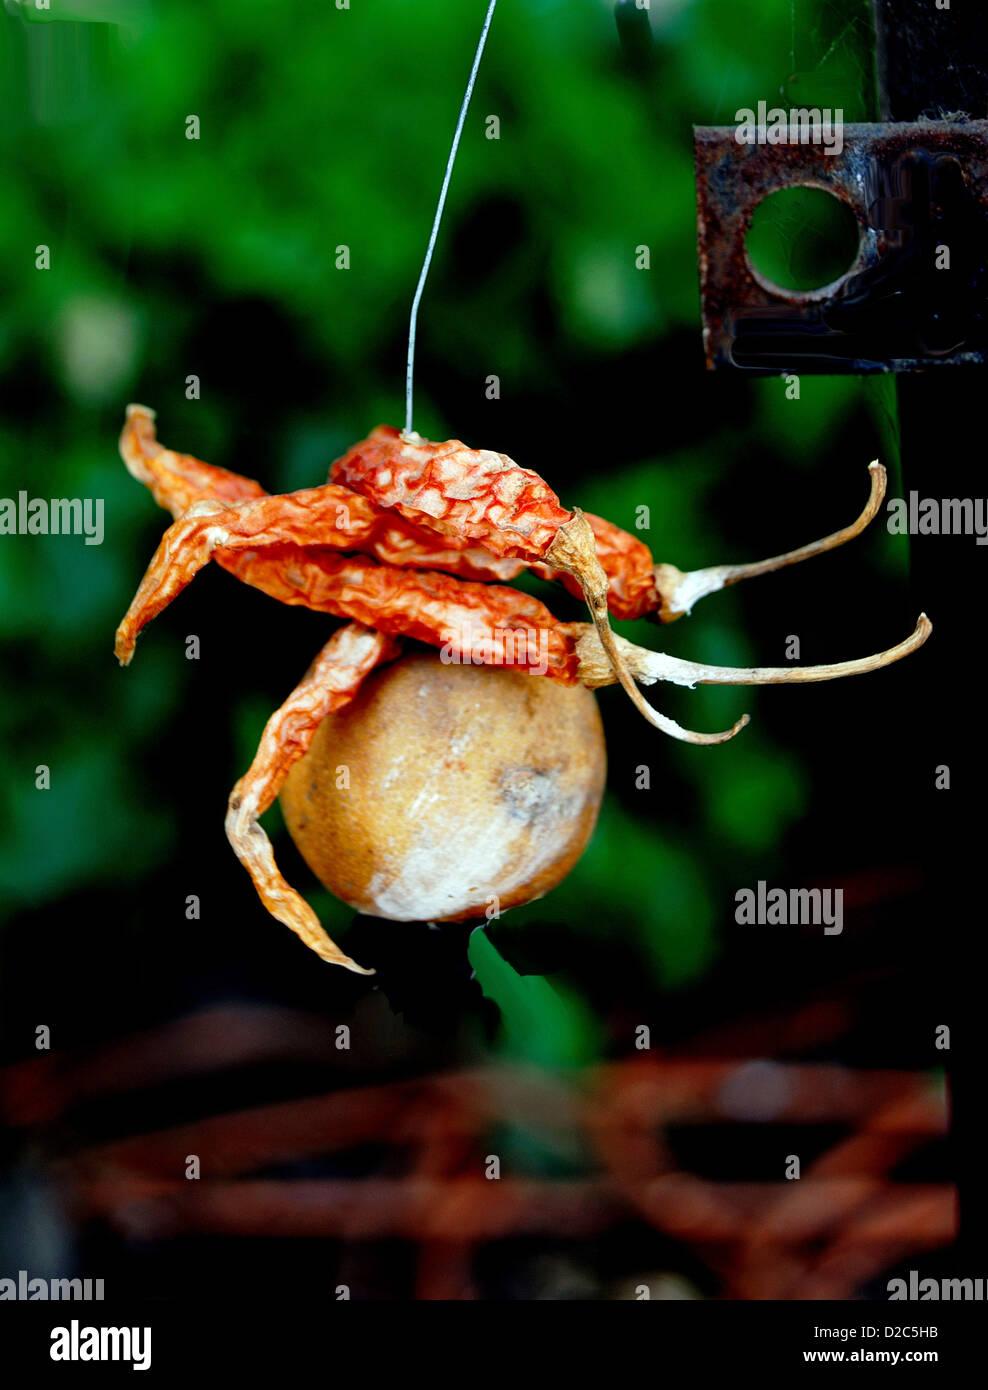 Concept de la superstition, la pendaison Thread de piments rouges secs et de citron, de l'Inde Photo Stock